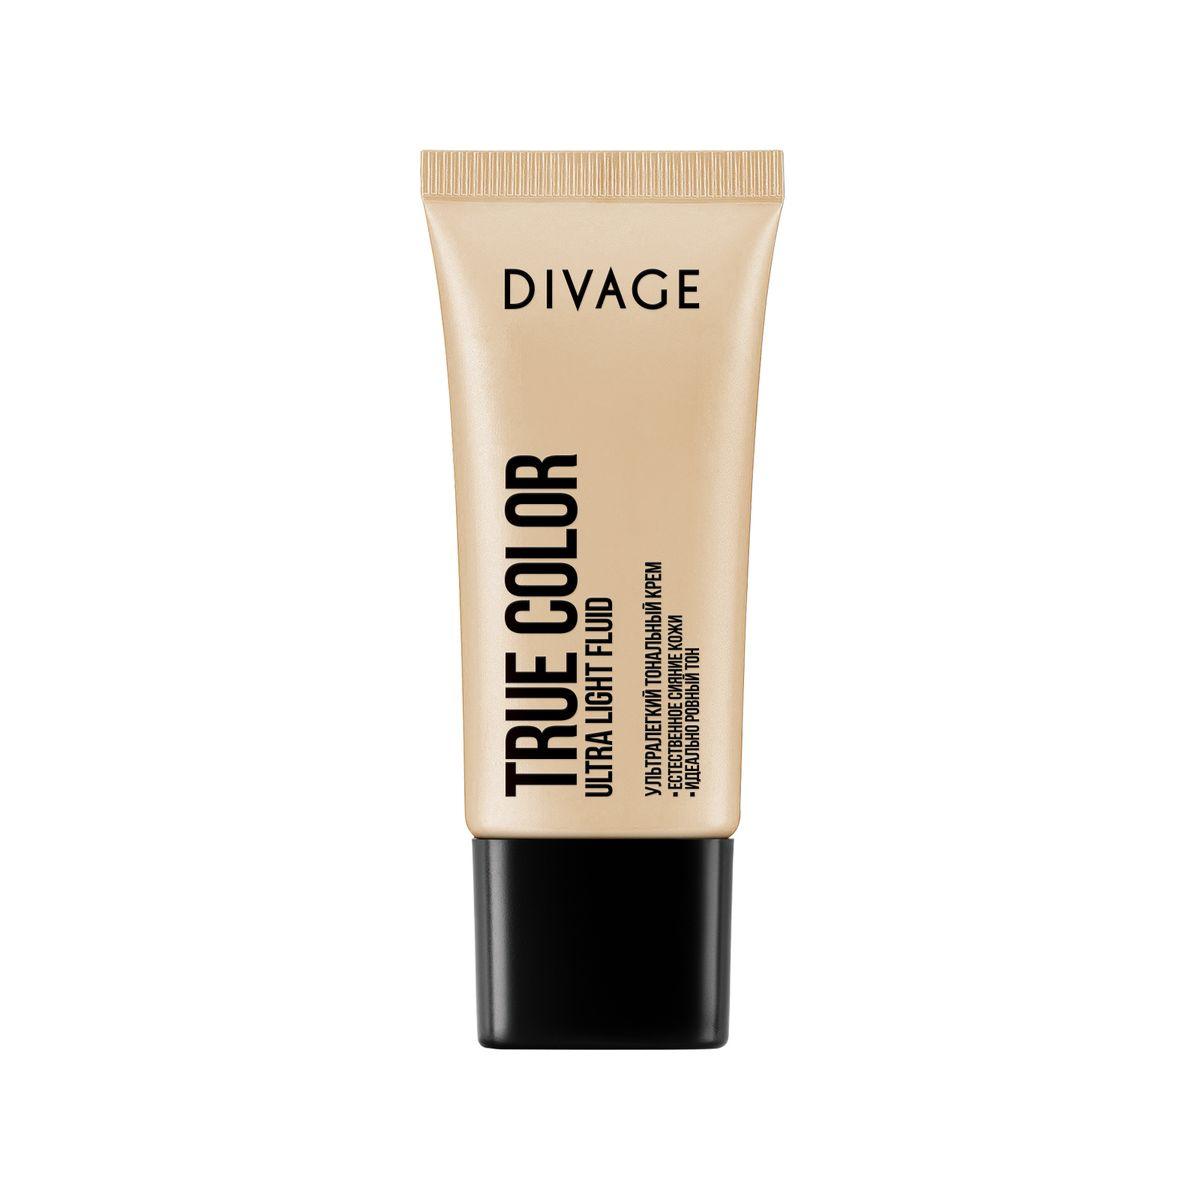 DIVAGE Тональный крем TRUE COLOR, тон № 03, 30 мл219593Невидимая и лёгкая тональная основа с прозрачной водянистой текстурой эффективно увлажняет и освежает кожу. Влага наполняет клетки и хорошо удерживается в поверхности кожи. Масло авокадо и витамины Е помогают клеткам кожи противостоять вредным воздействиям окружающей среды. Хорошо увлажнённая и защищённая кожа выглядит свежей, ухоженной и ровной без ощущения «маски на лице».